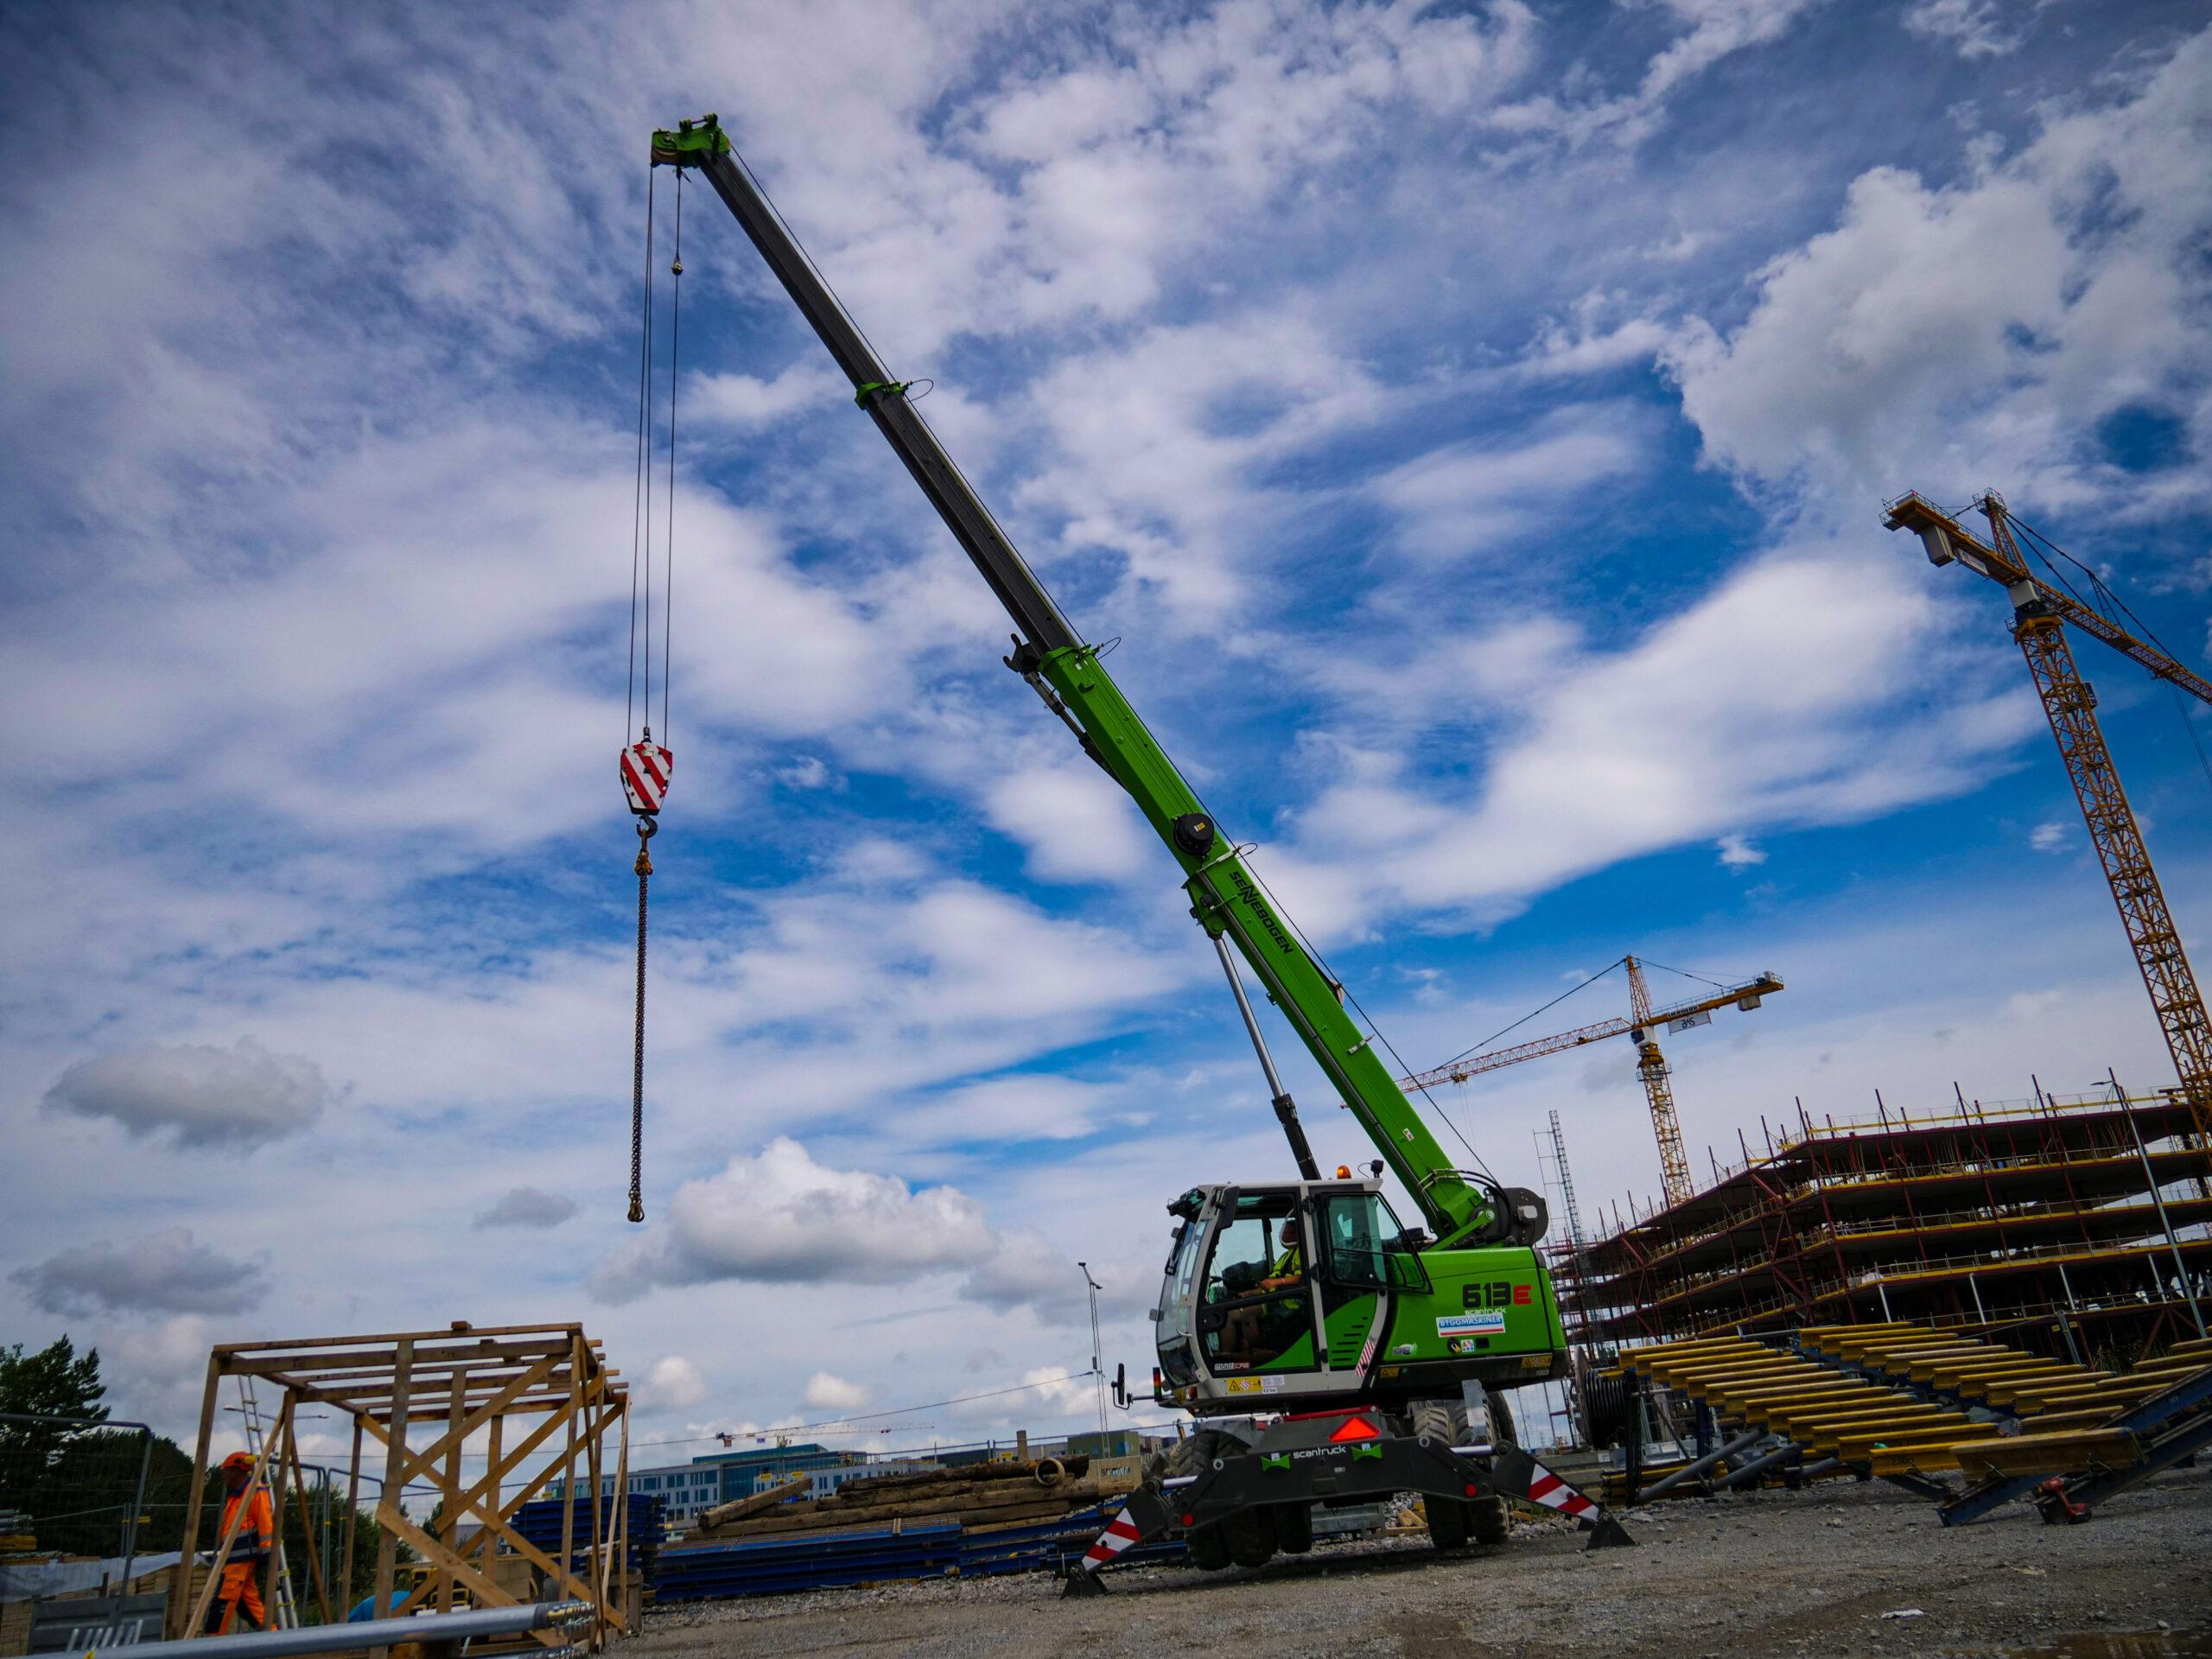 SENNEBOGEN 613E har en fantastisk kapacitet då den lyfter 16ton hela 24m högt.